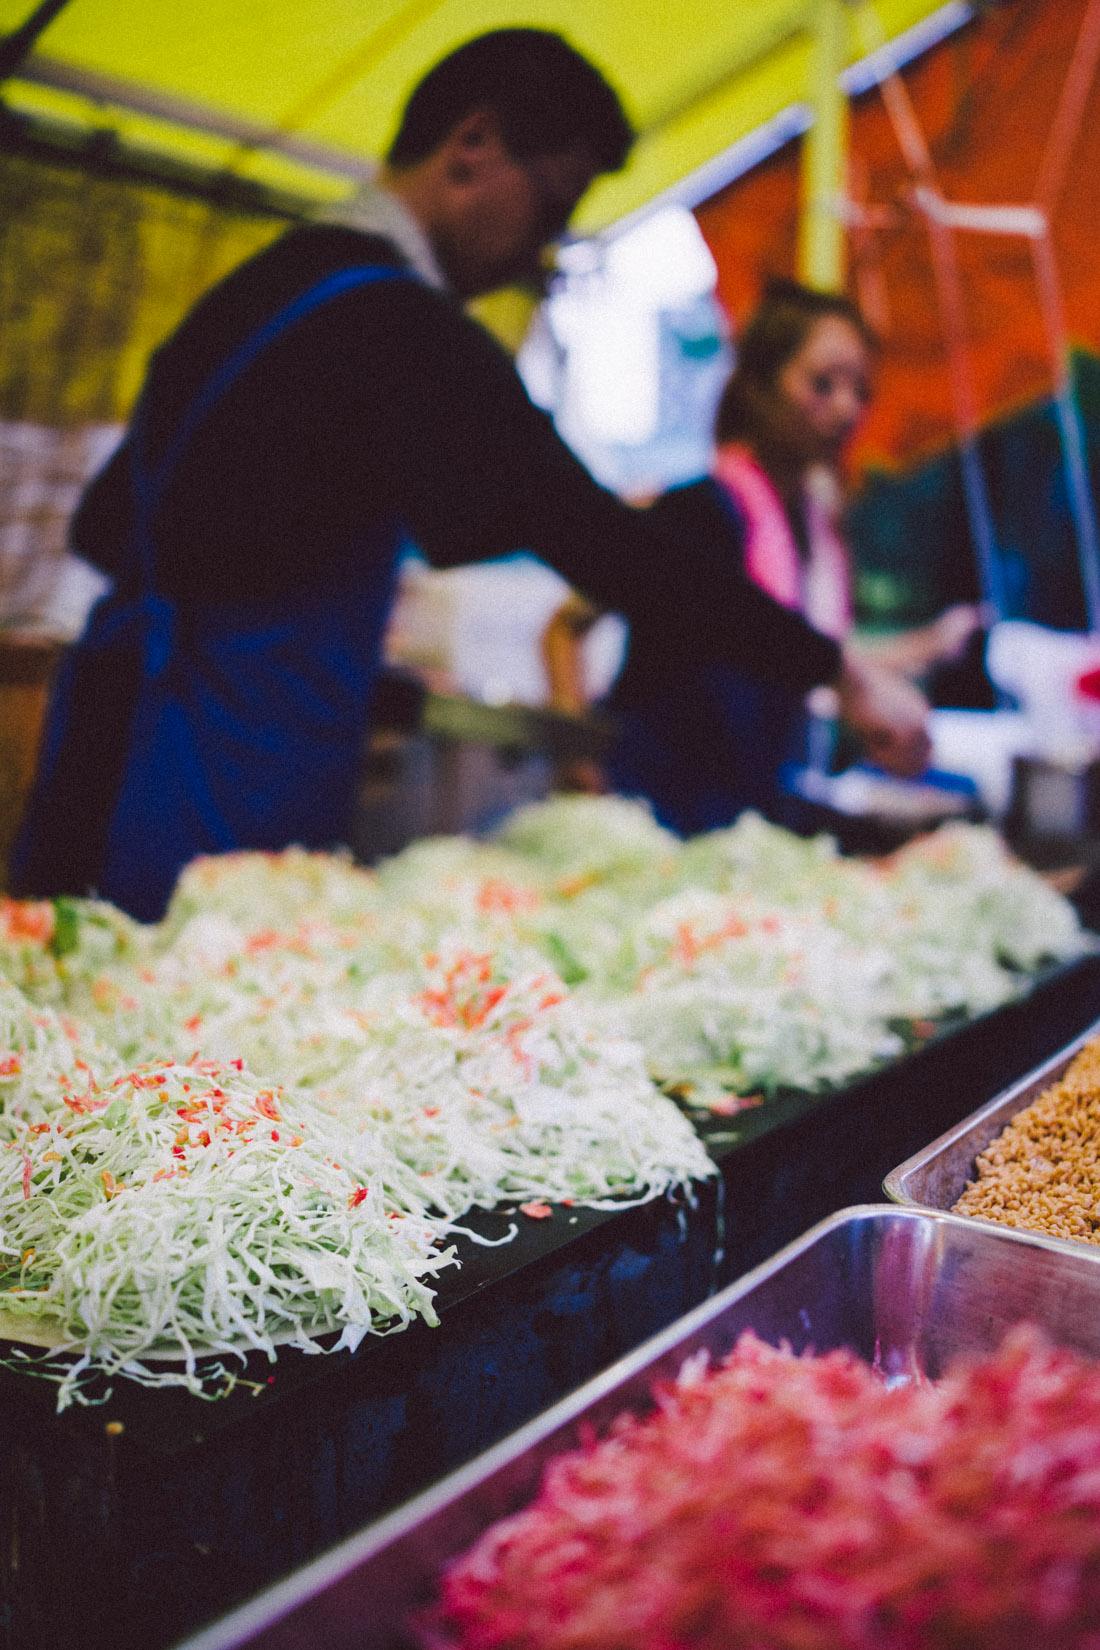 Getting some okonomiyaki done.